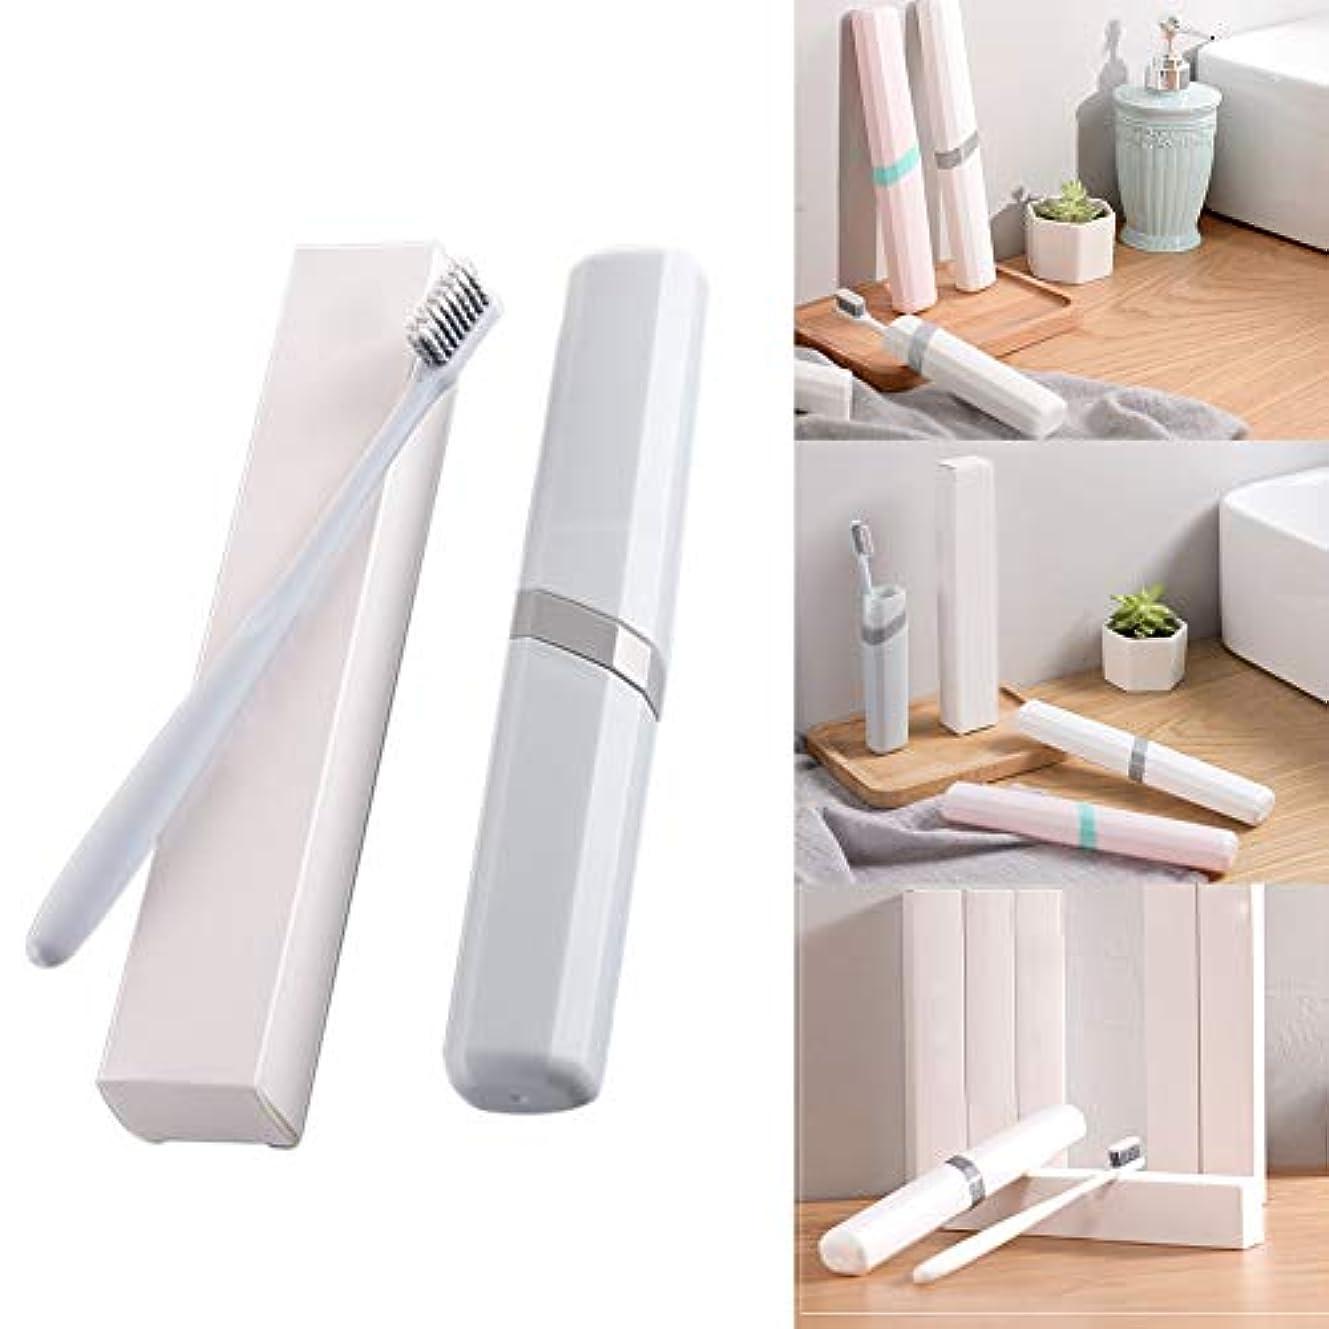 こっそりダーツ促進する歯ブラシケース付きトラベルカバー、歯ブラシ1個、プラスチックホルダー、清潔なブラシを休日に保管(白、ピンク、青)